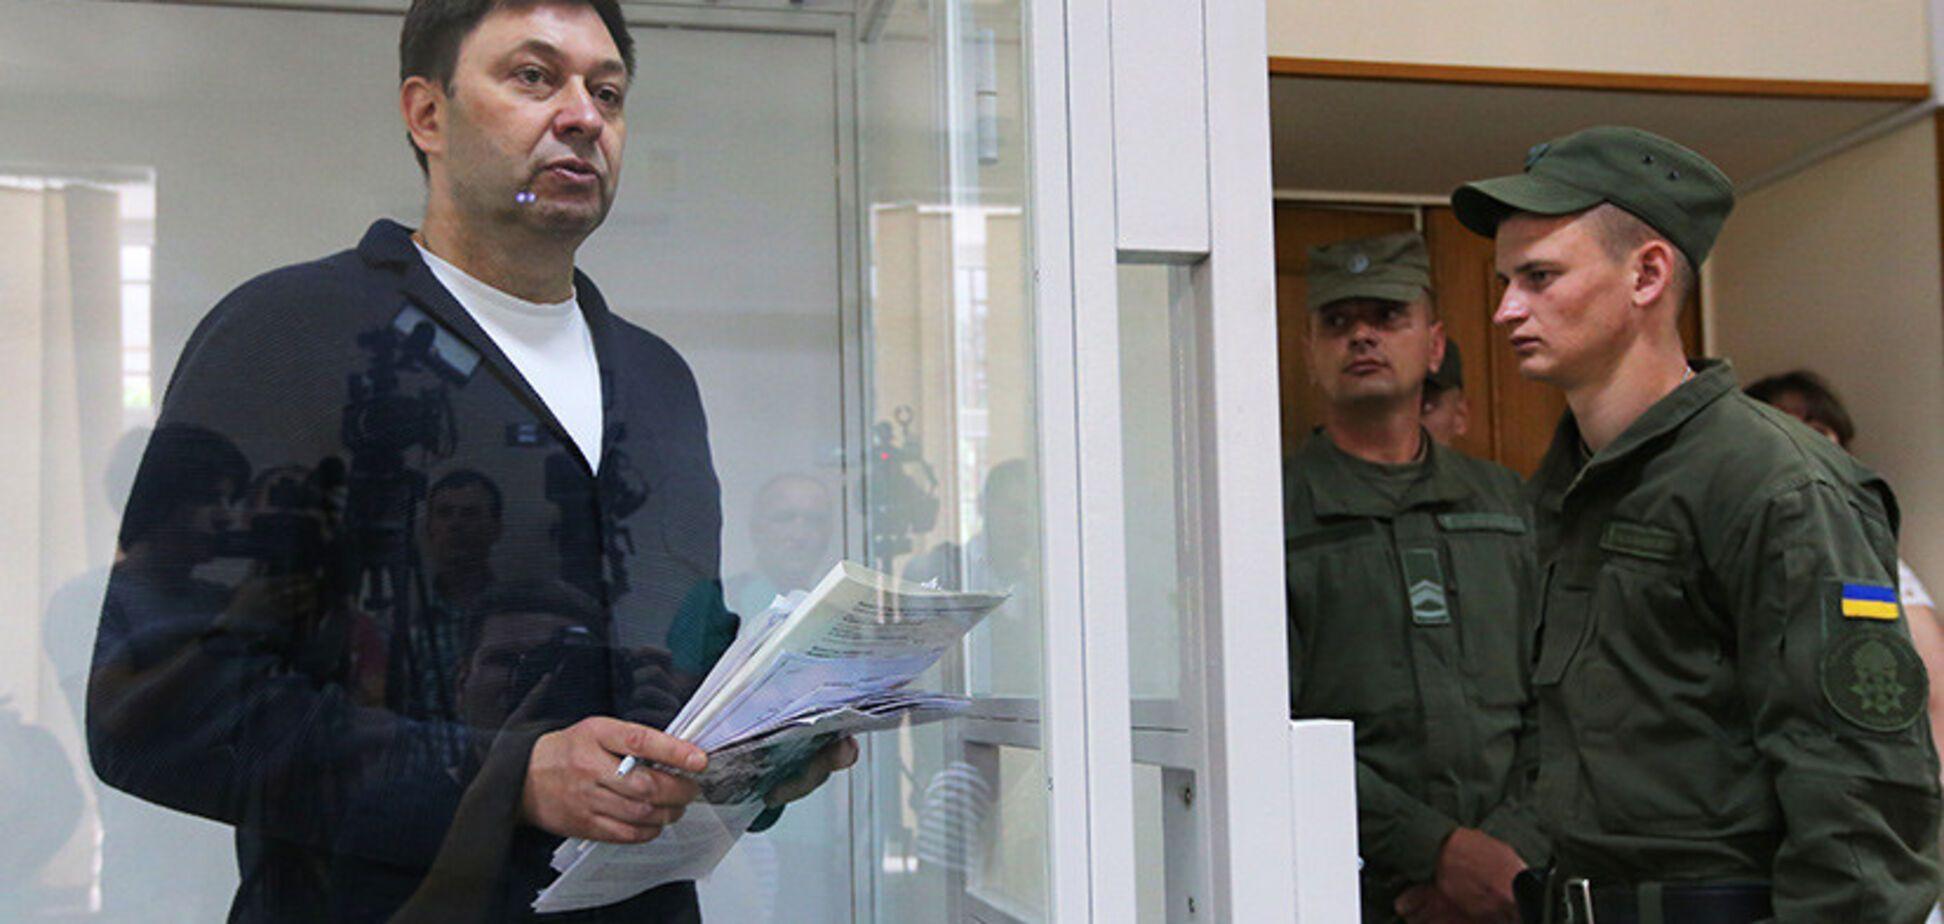 Вышинского экстренно госпитализировали из зала суда: все подробности